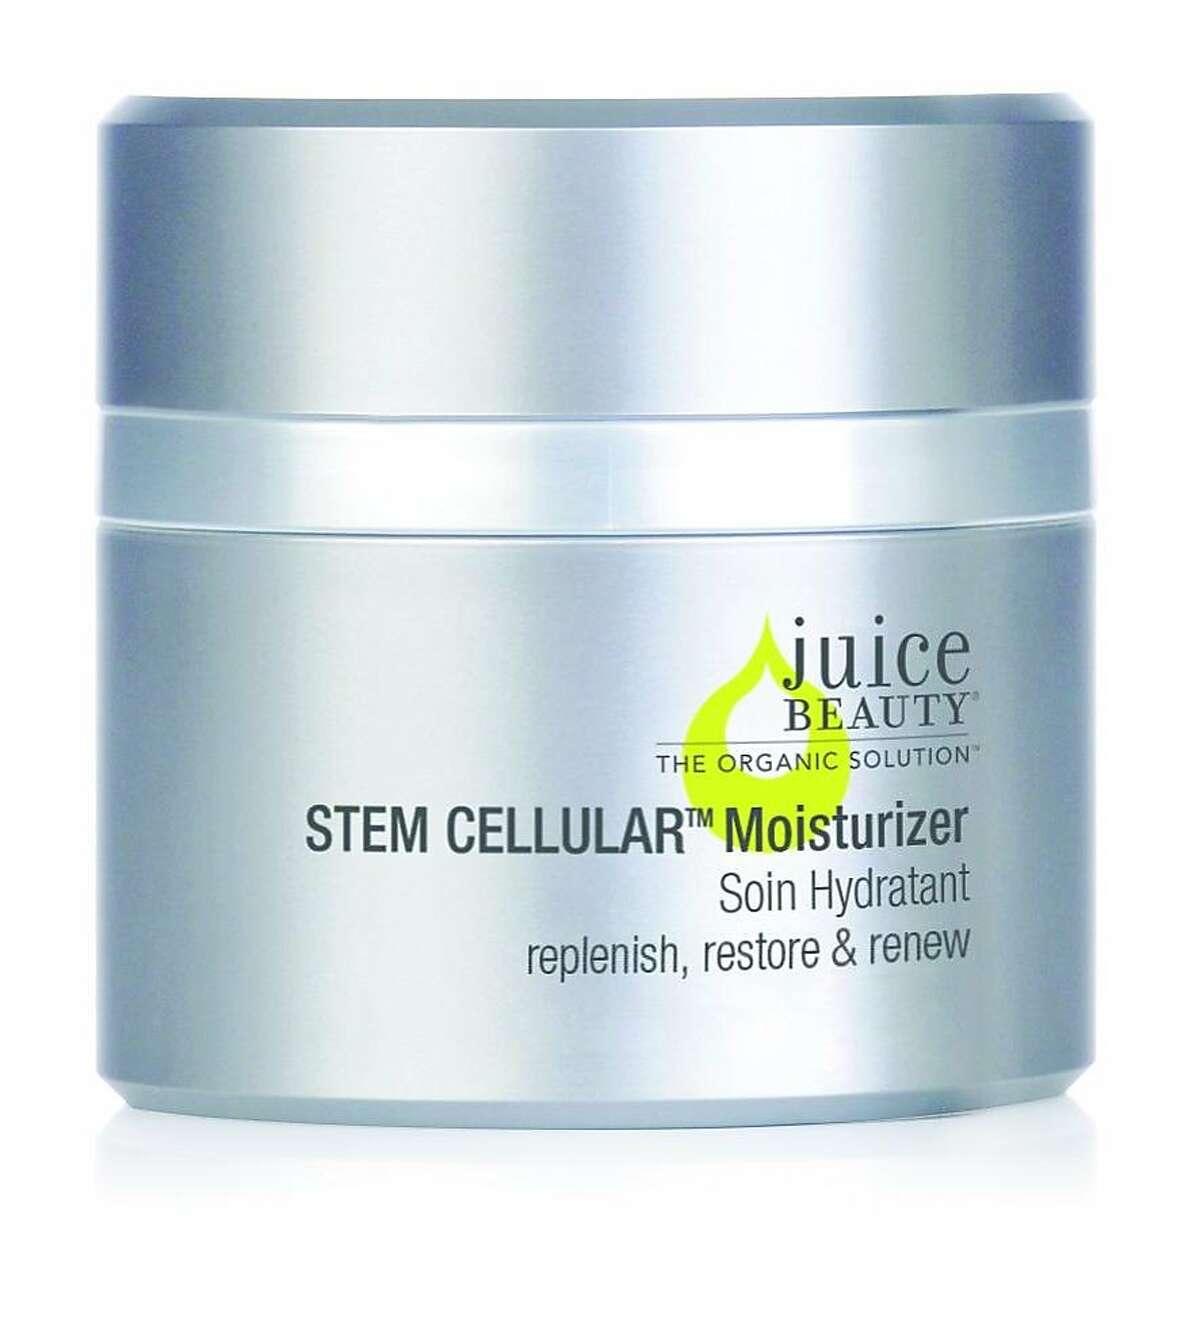 Juice Beauty's Stem Cellular Moisturizer.